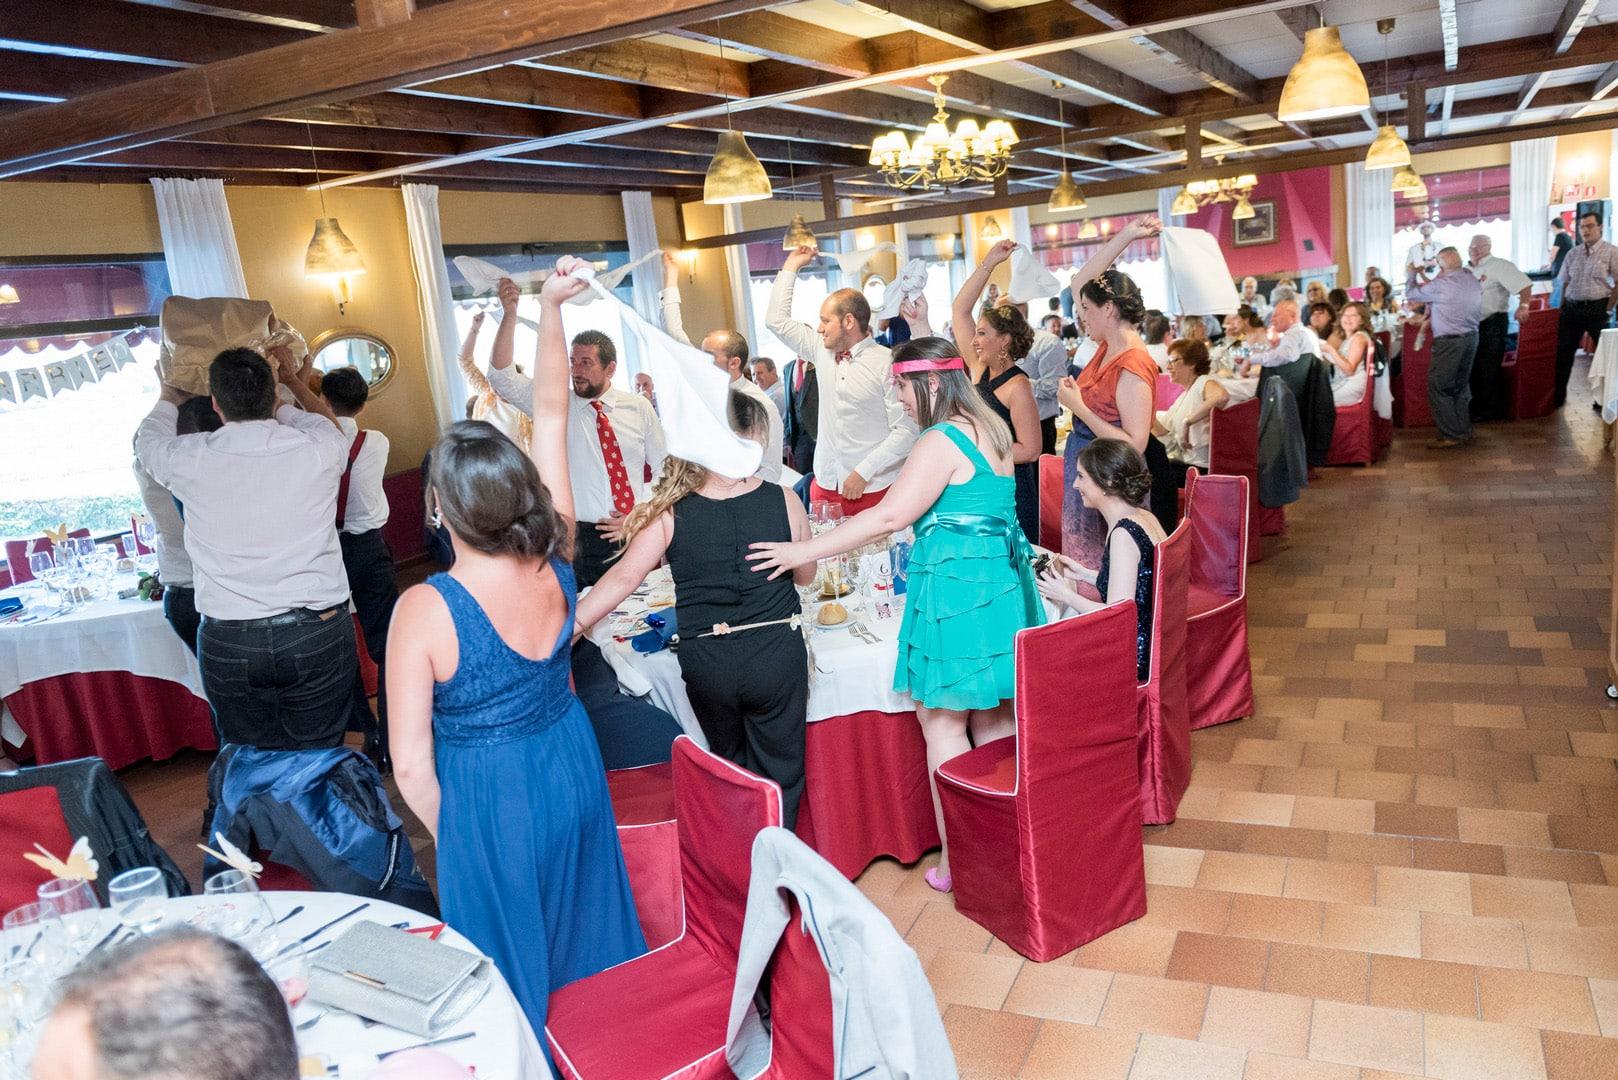 fiesta ZAZU-boda-divertida-en-rojo-Segovia UNA BODA DIVERTIDA EN SEGOVIA